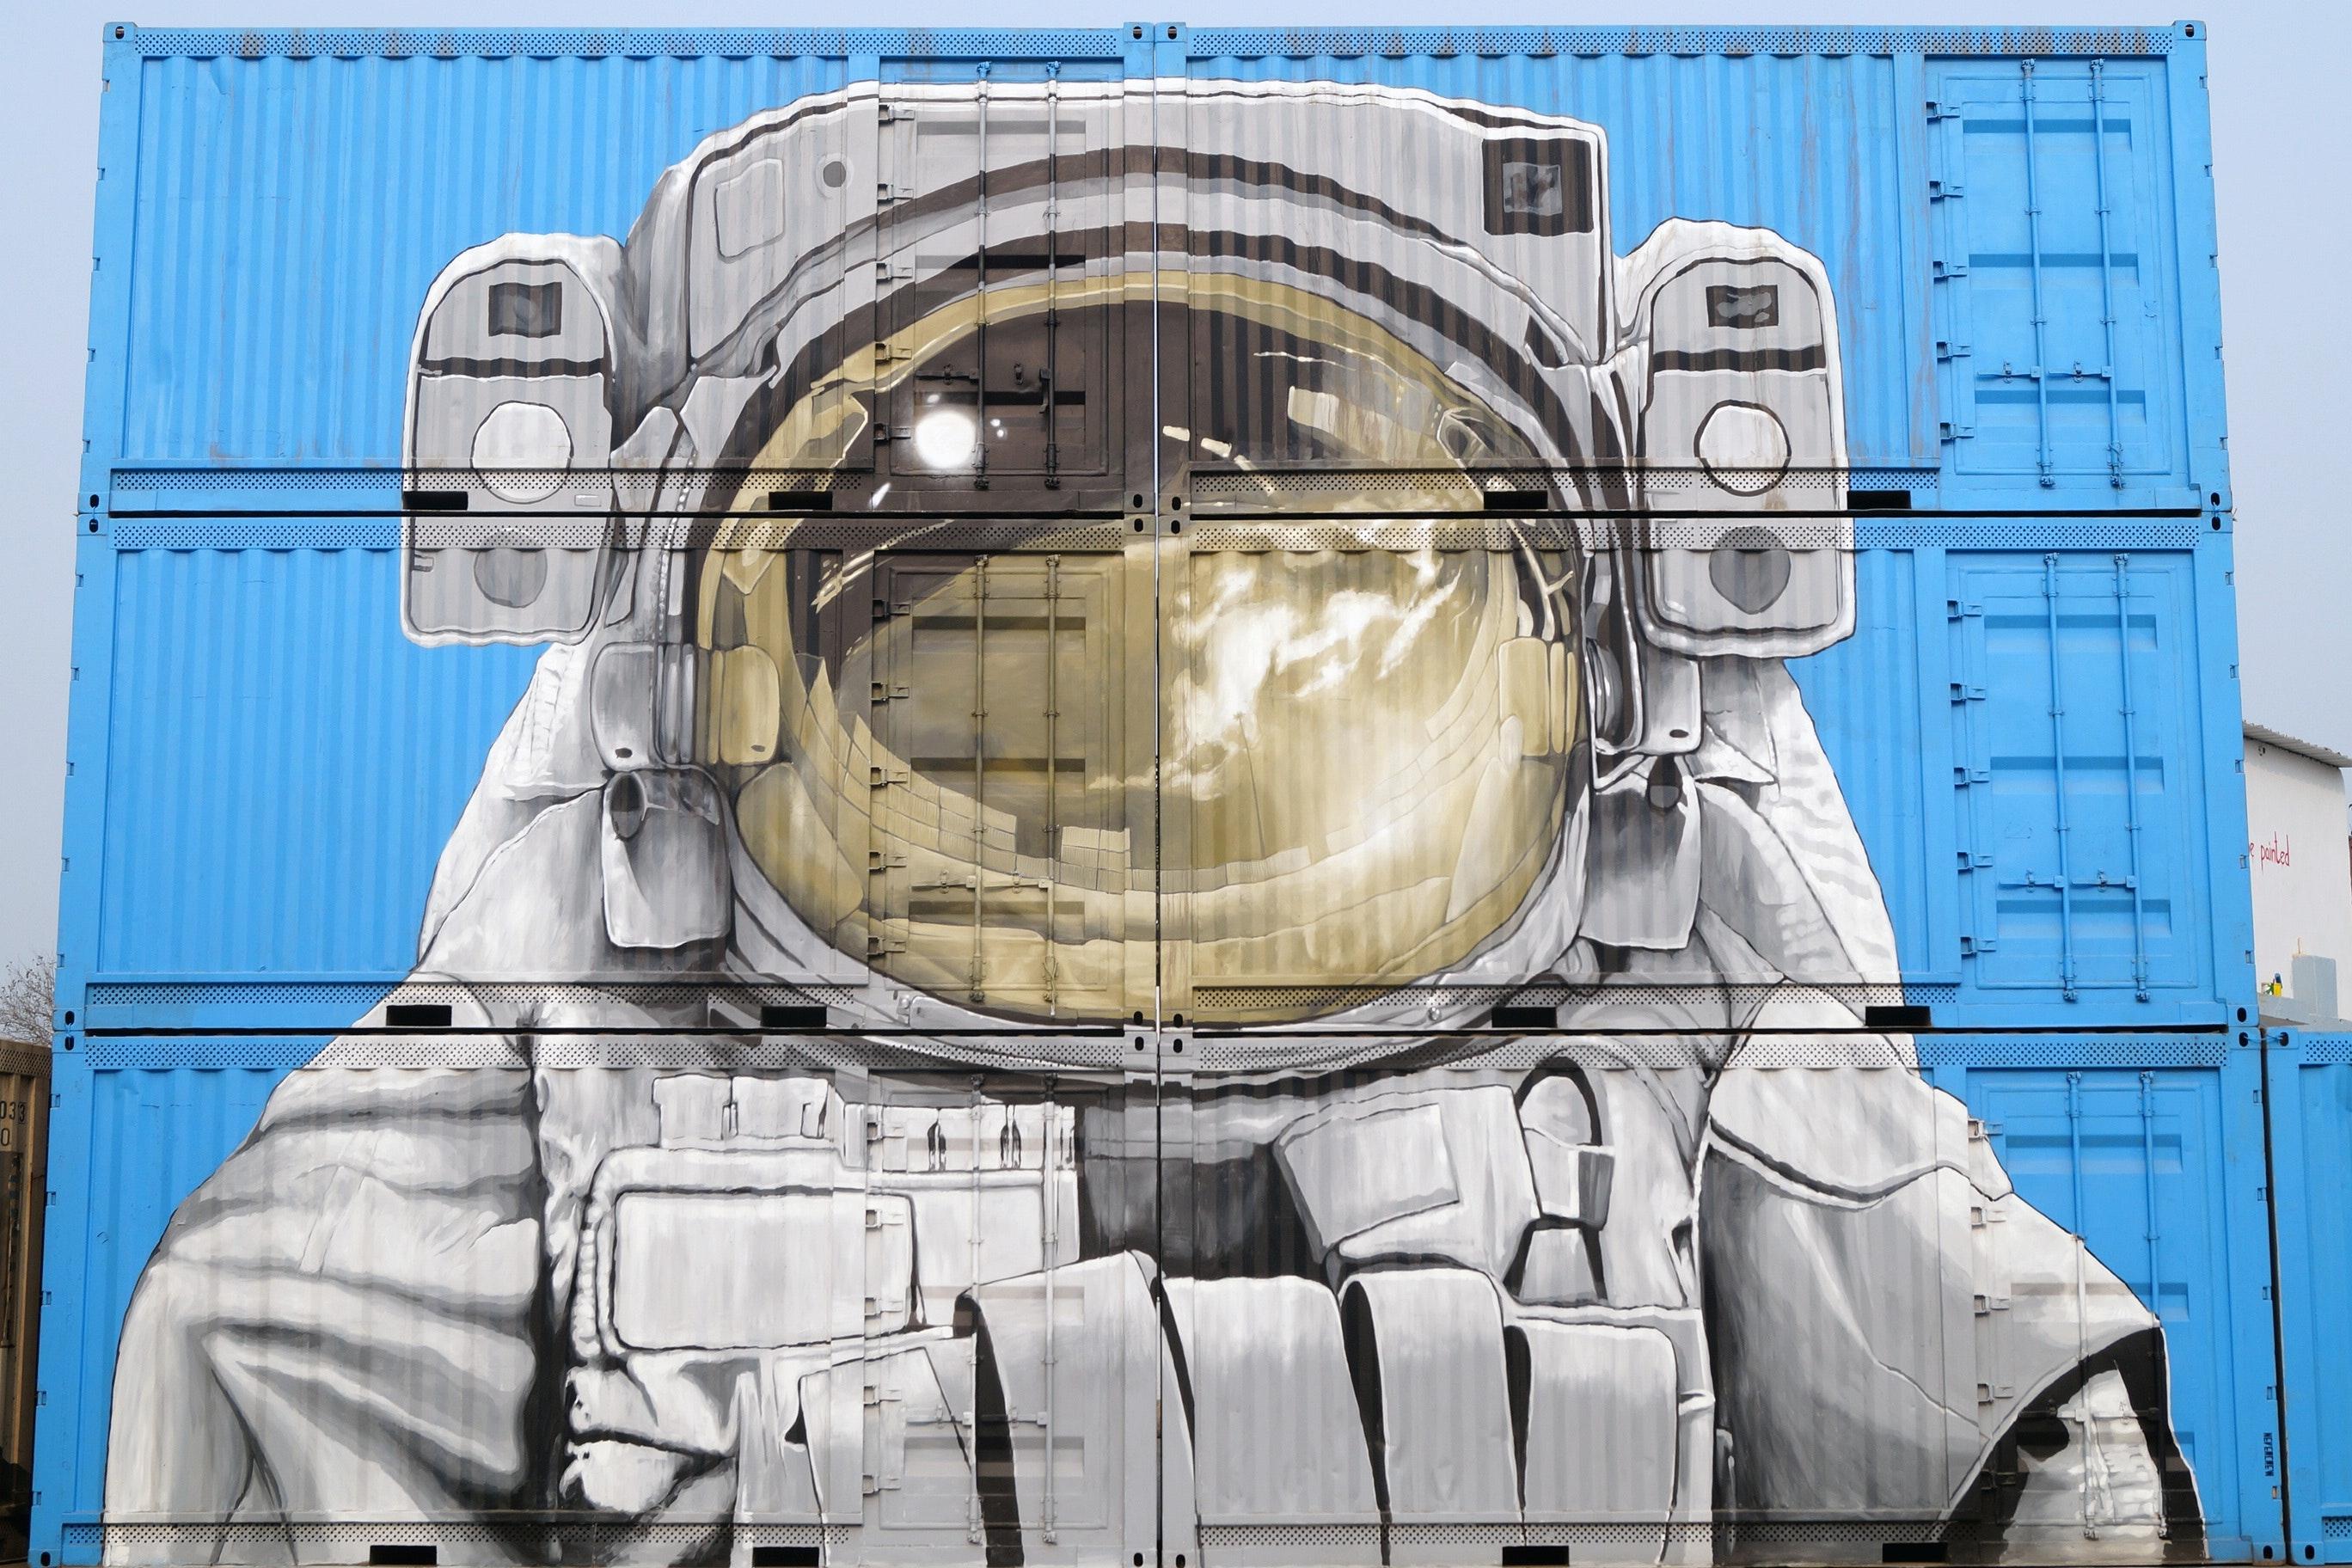 Astronaut Graffiti on Semi-Trailers, Graffiti, Urban, Travel, Transportation system, HQ Photo